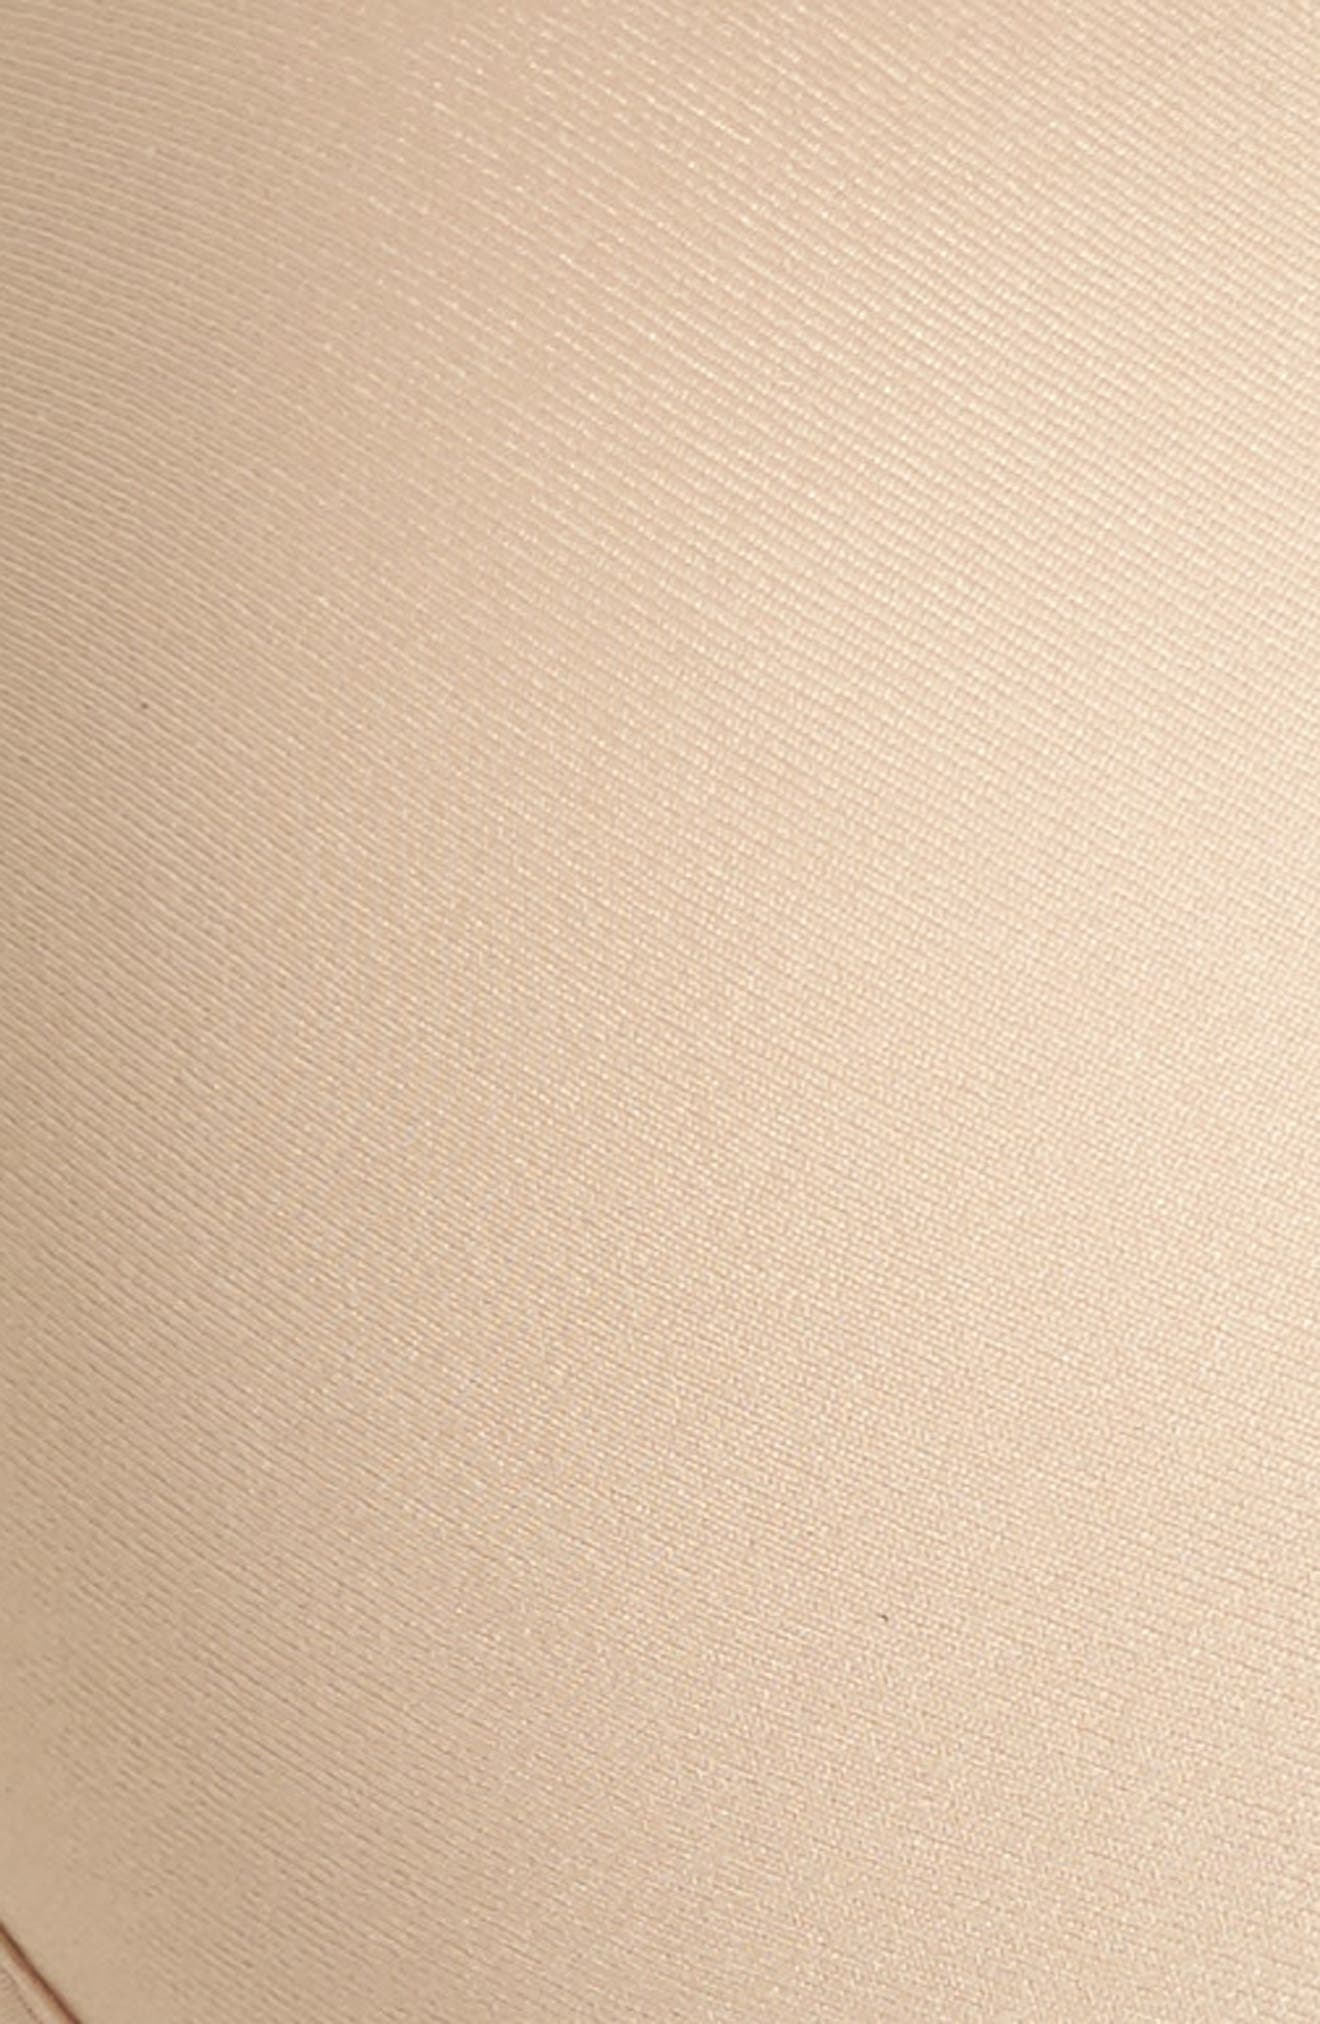 NORDSTROM LINGERIE, Ultra Light NuBra, Alternate thumbnail 6, color, NUDE